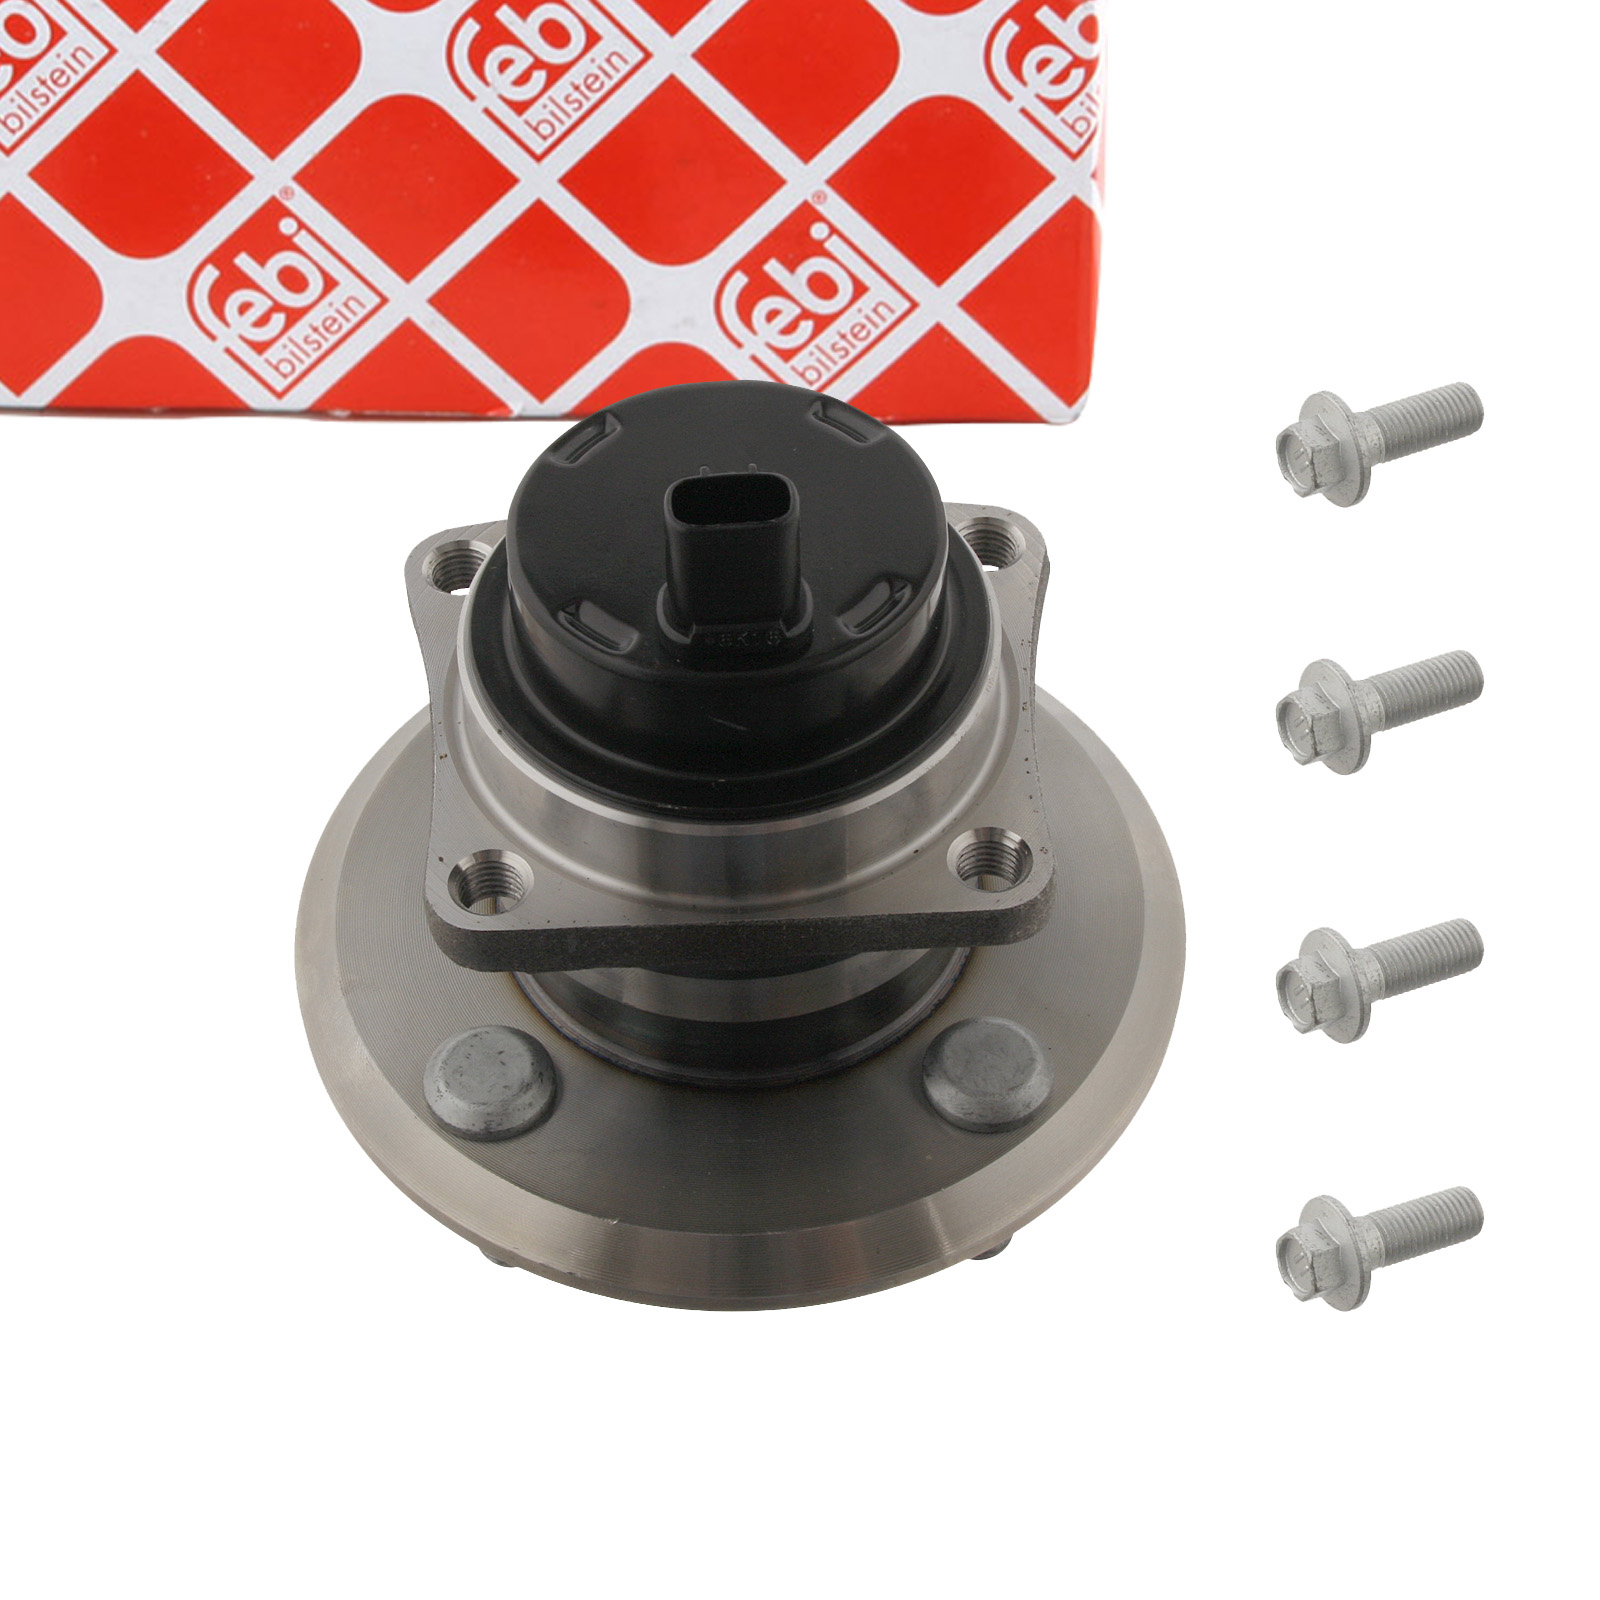 FEBI 31180 Radlagersatz Radnabe + ABS-Sensor TOYOTA COROLLA E11 E12 hinten 42450-12081